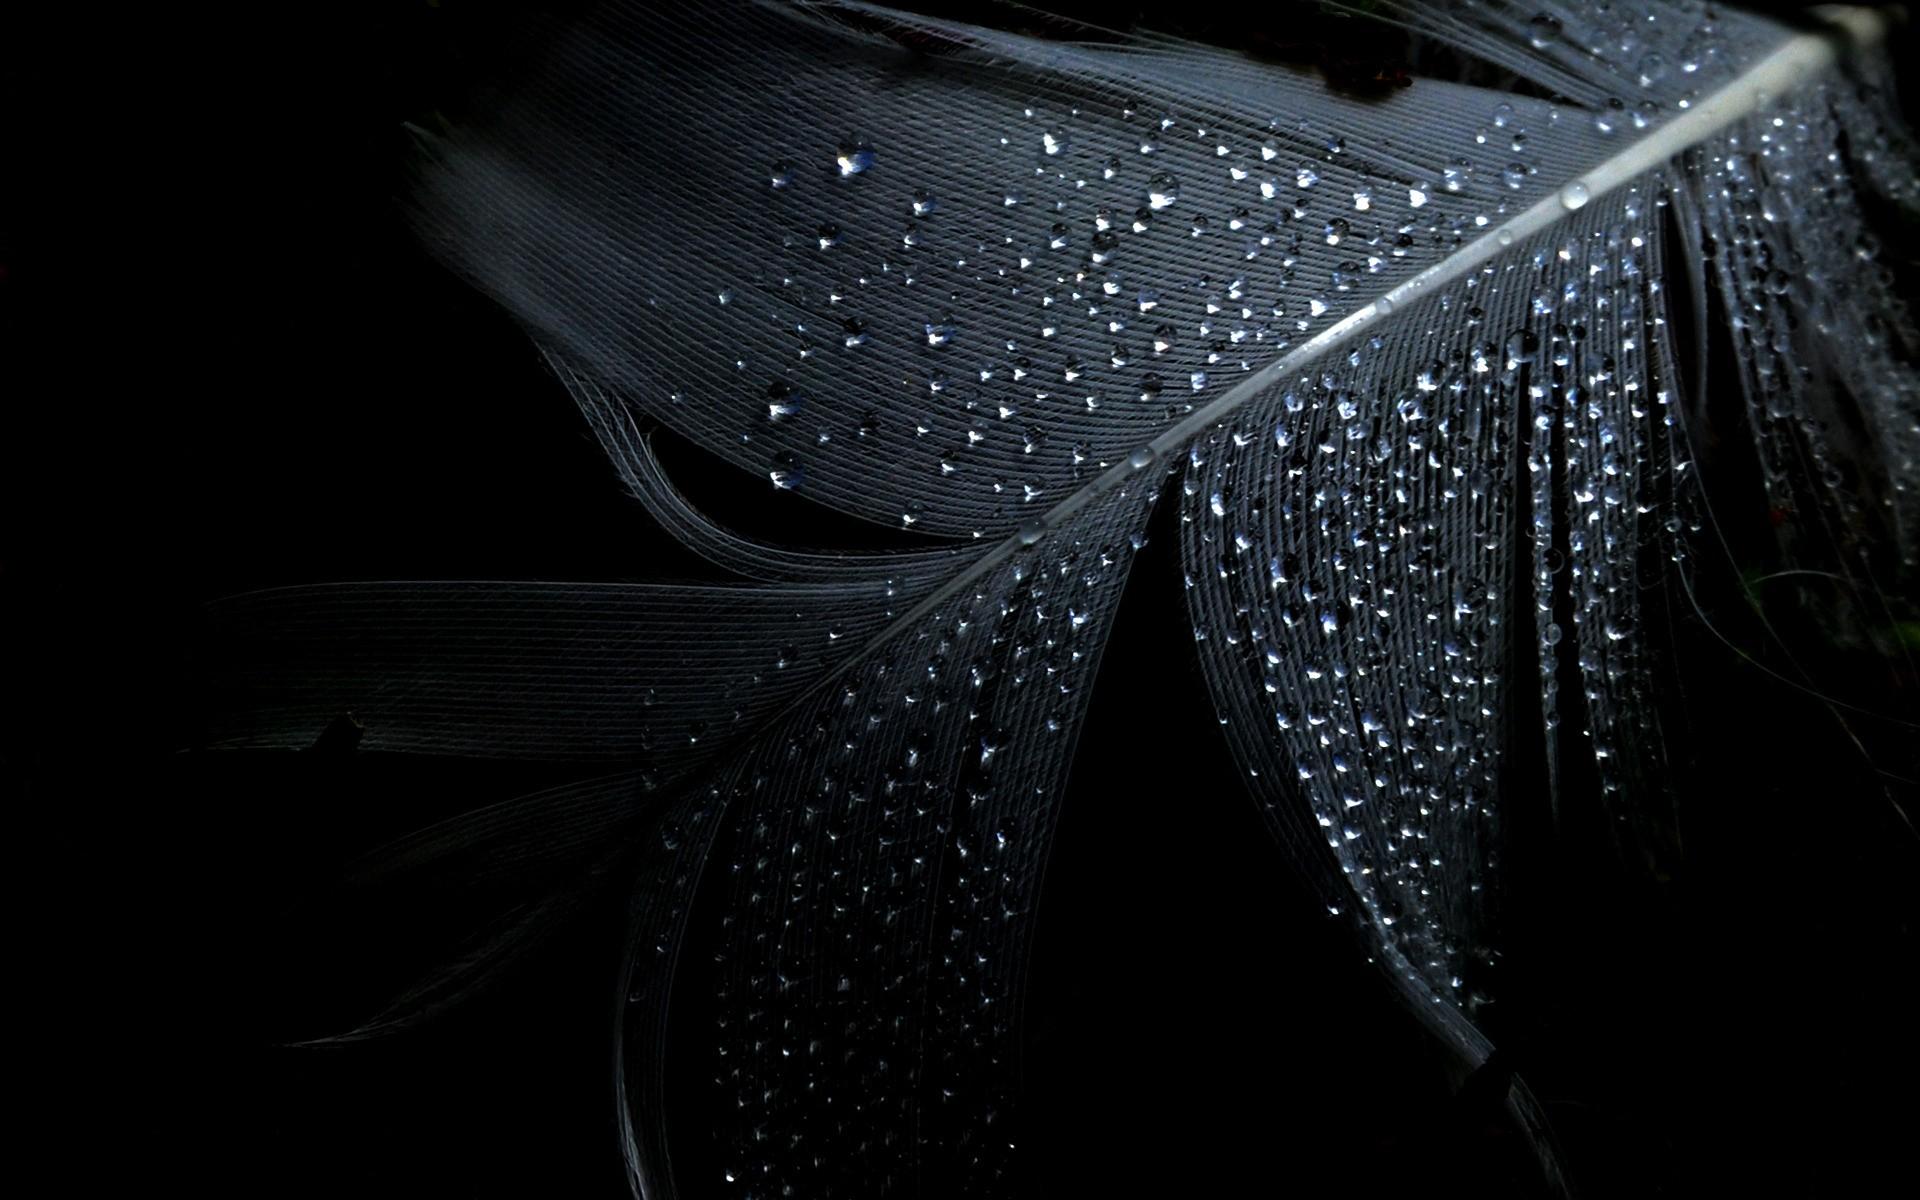 Hình nền đen Wide lông vũ đẹp